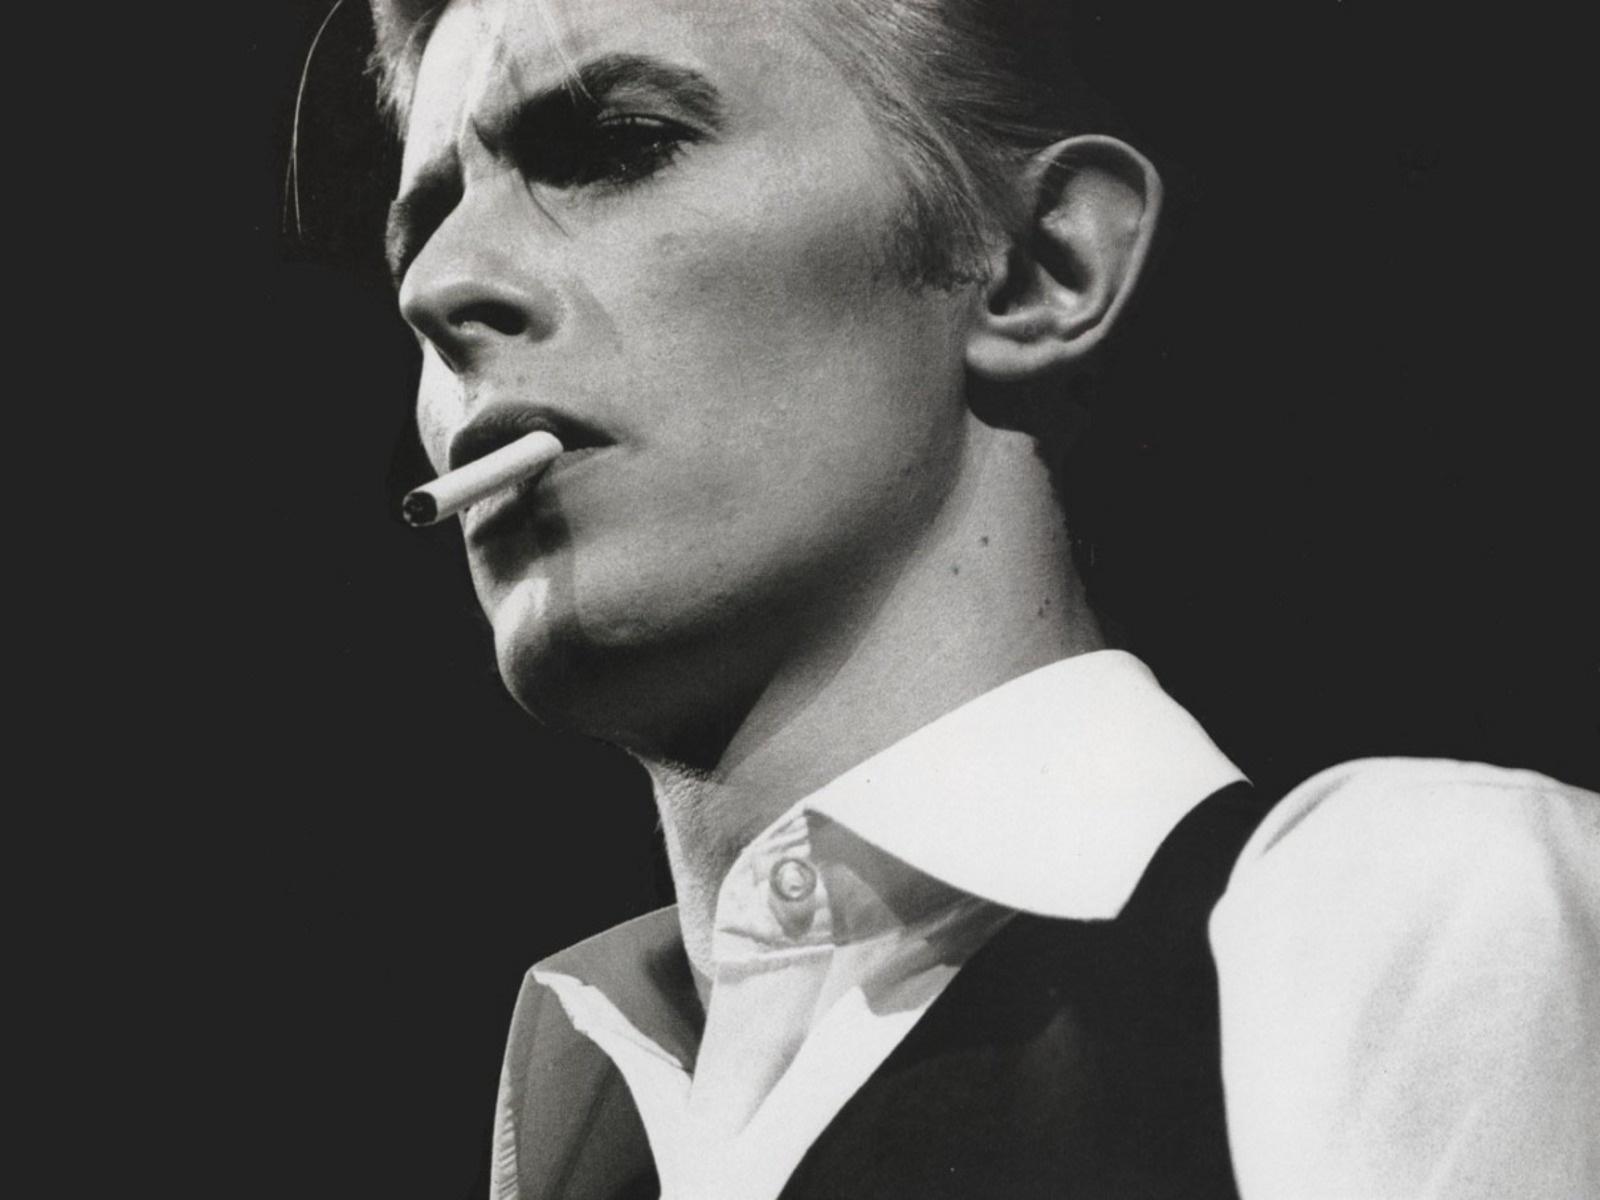 Ndahet nga jeta legjenda e muzikës David Bowie